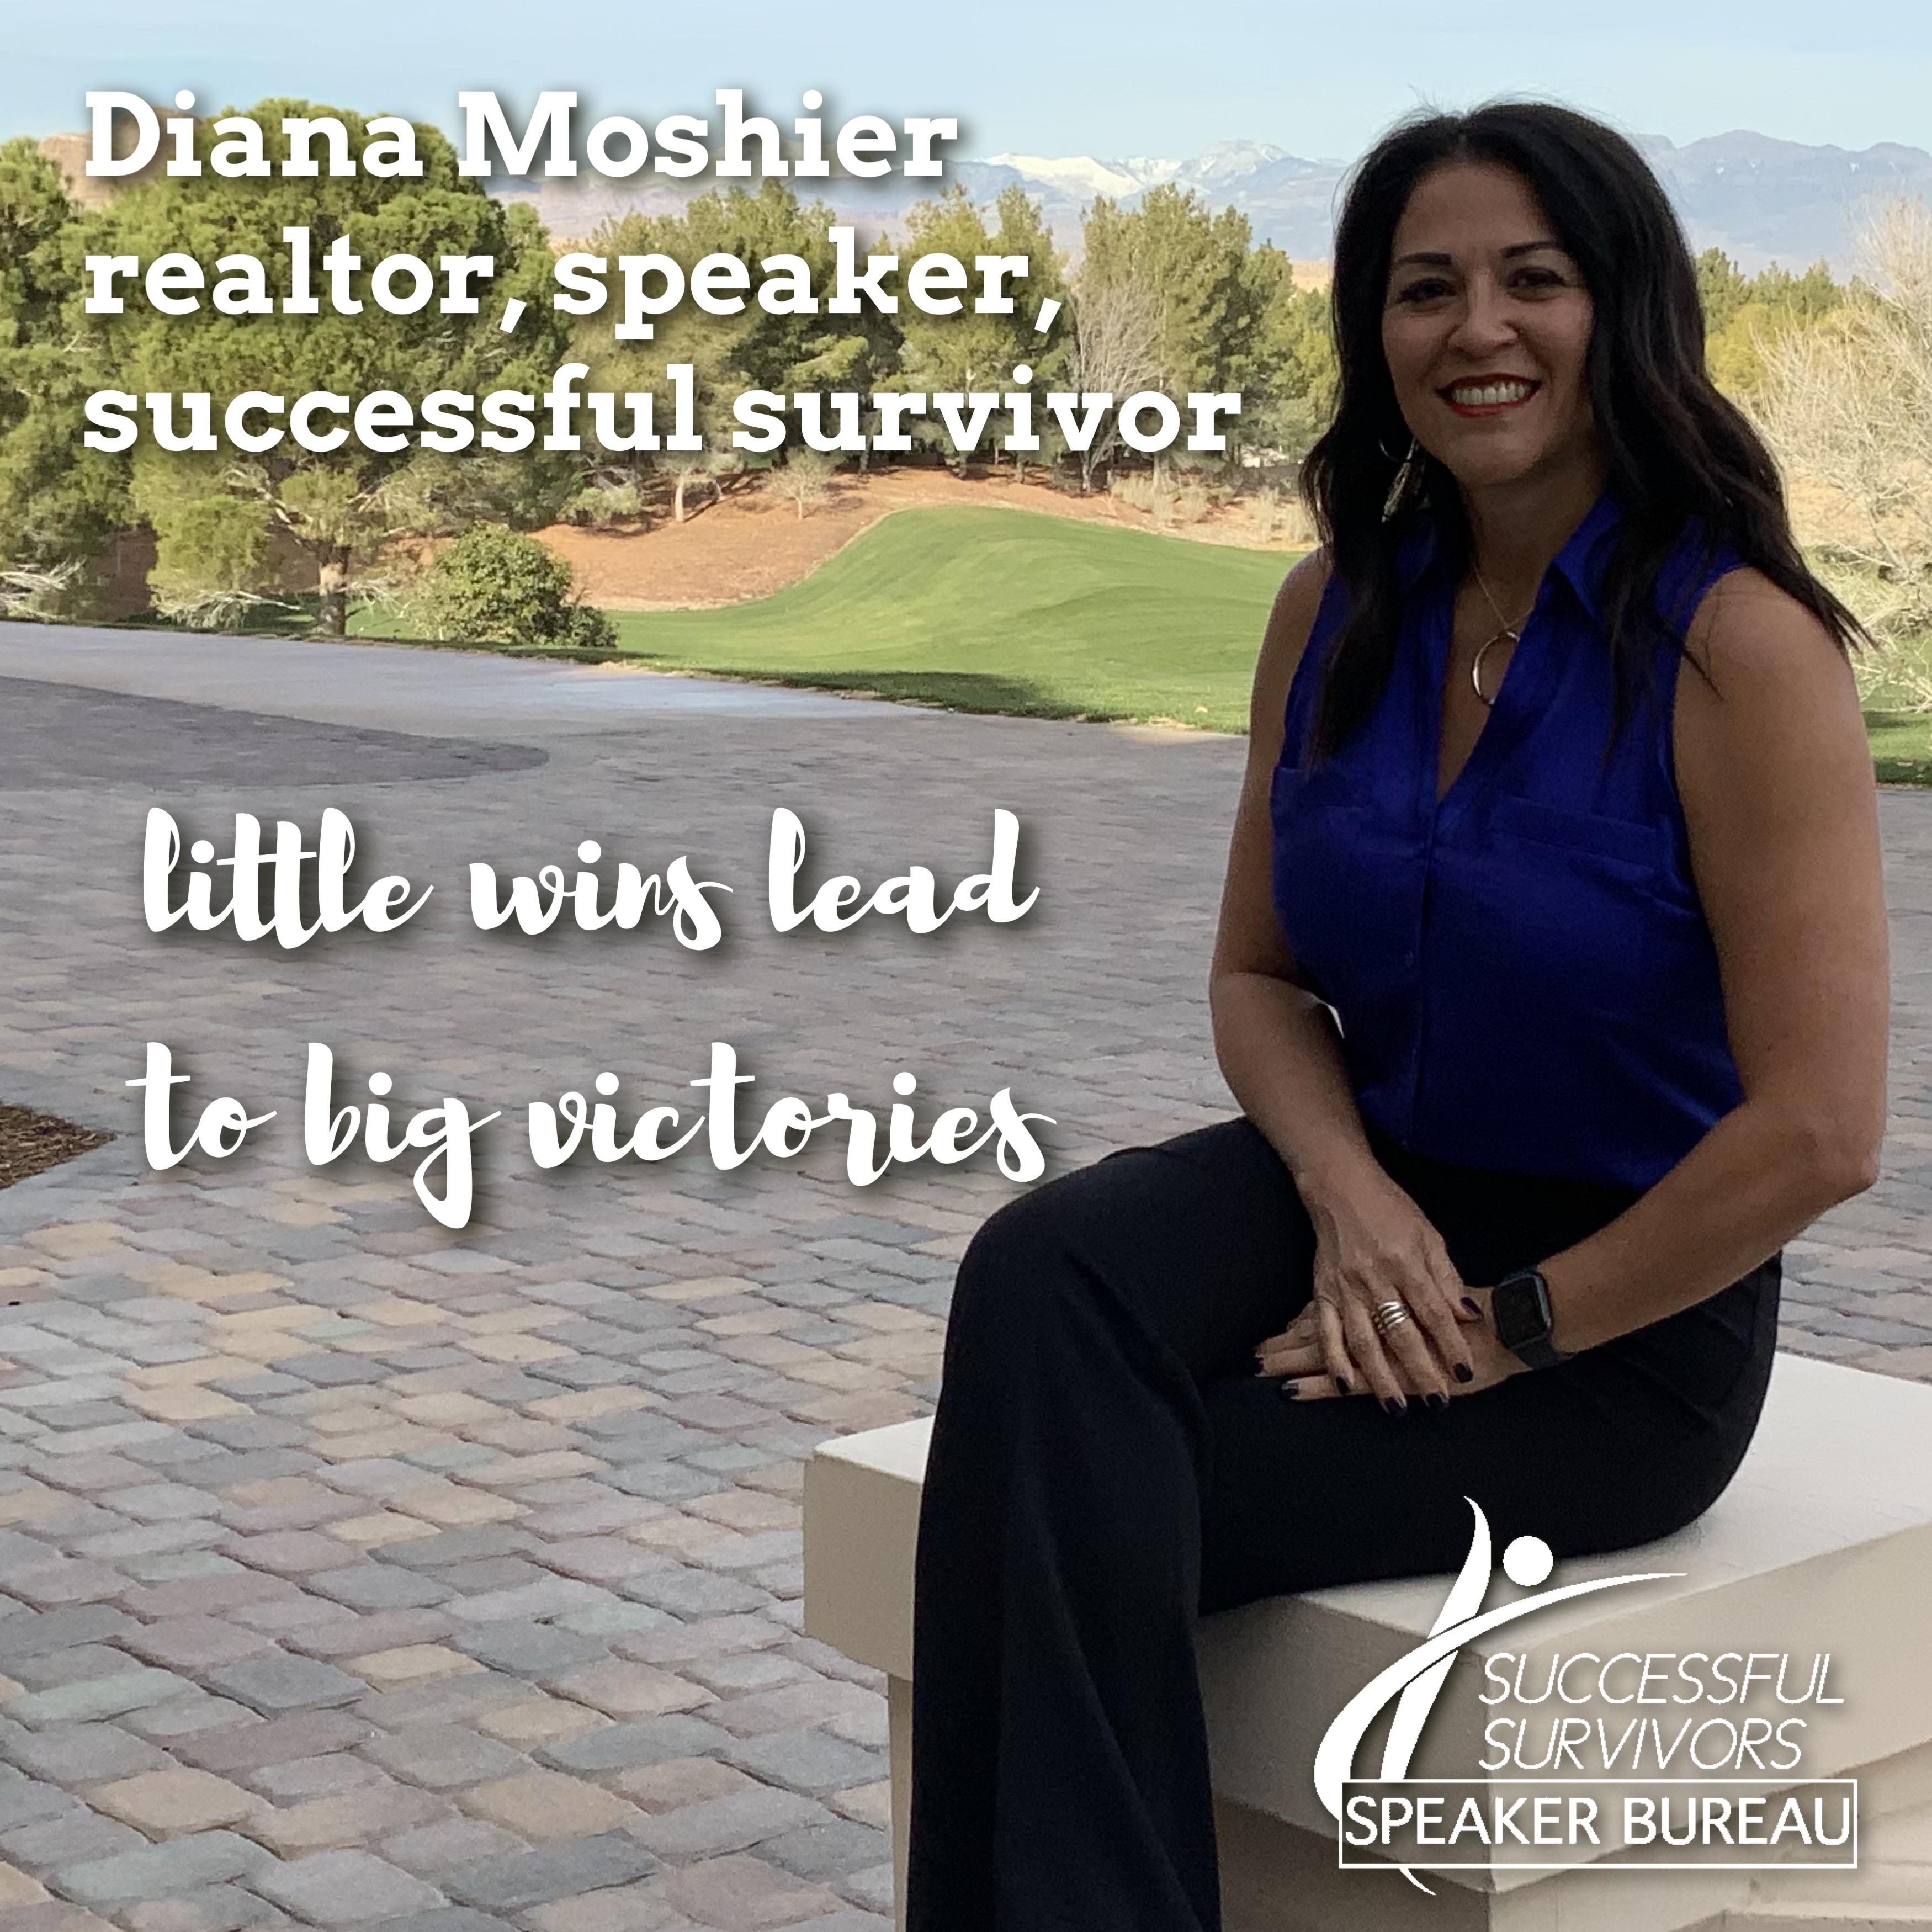 Diana Moshier